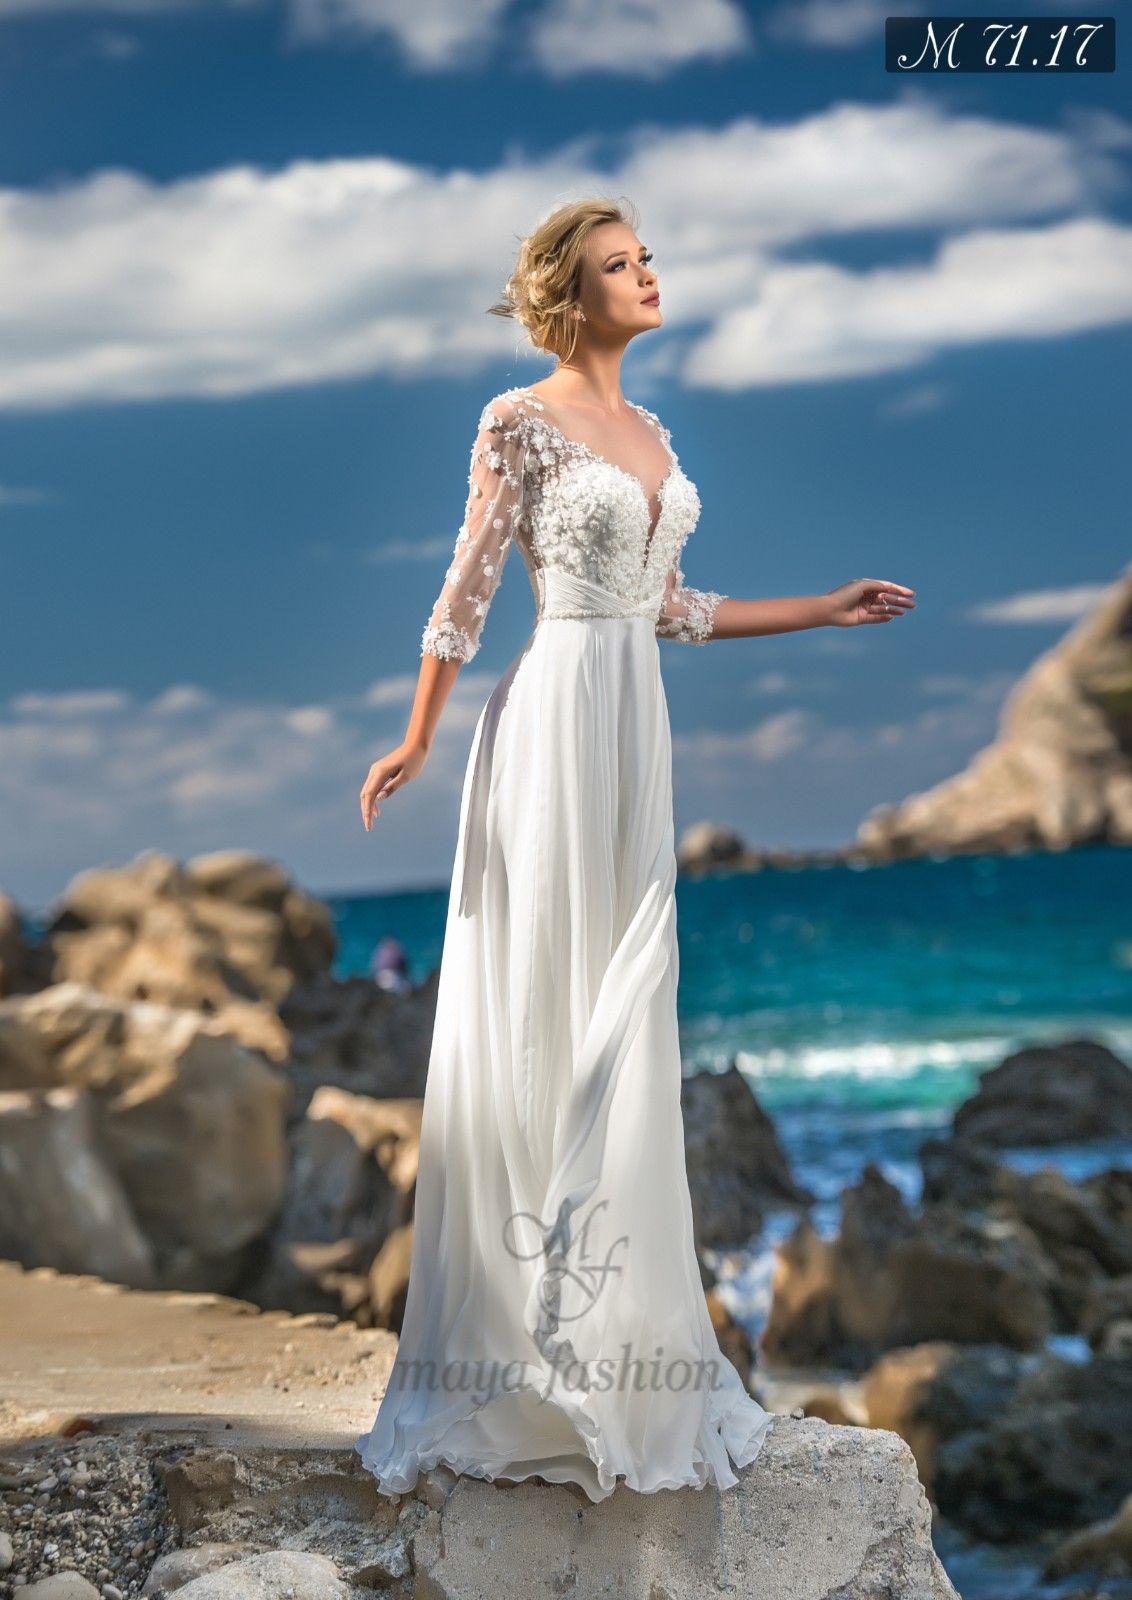 Rochie Mireasa M71.17 MayaFashion | Vestidos de novia 5 | Pinterest ...